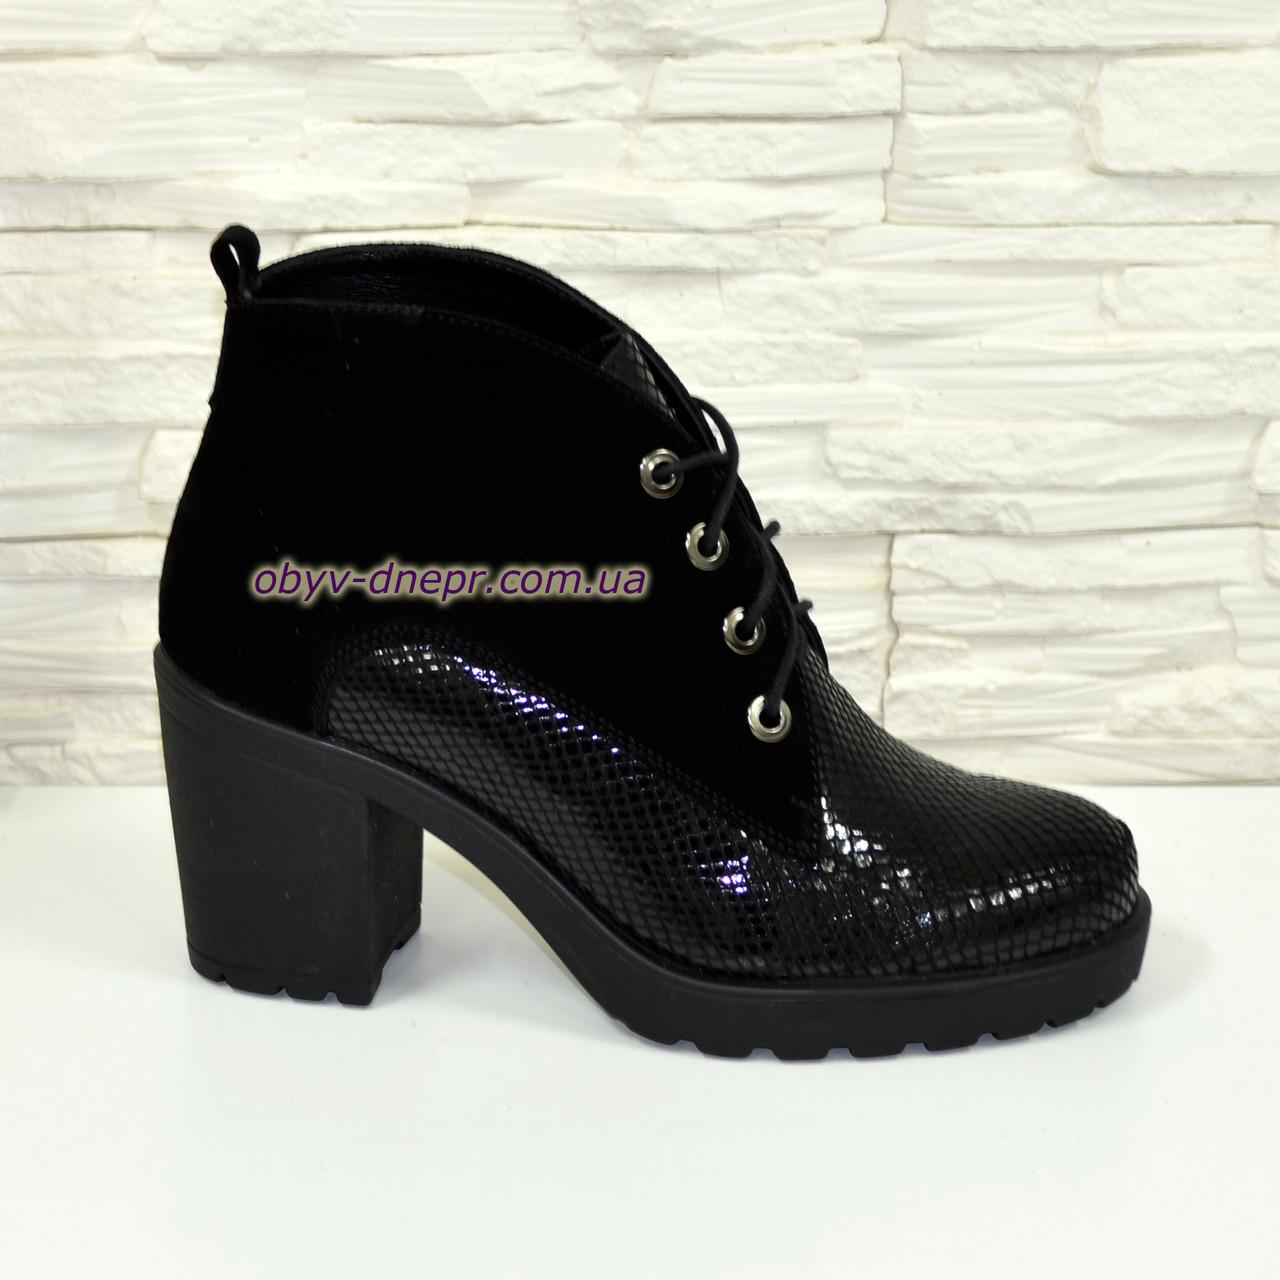 baadf9a99447 Стильные женские замшевые ботинки зимние на устойчивом каблуке